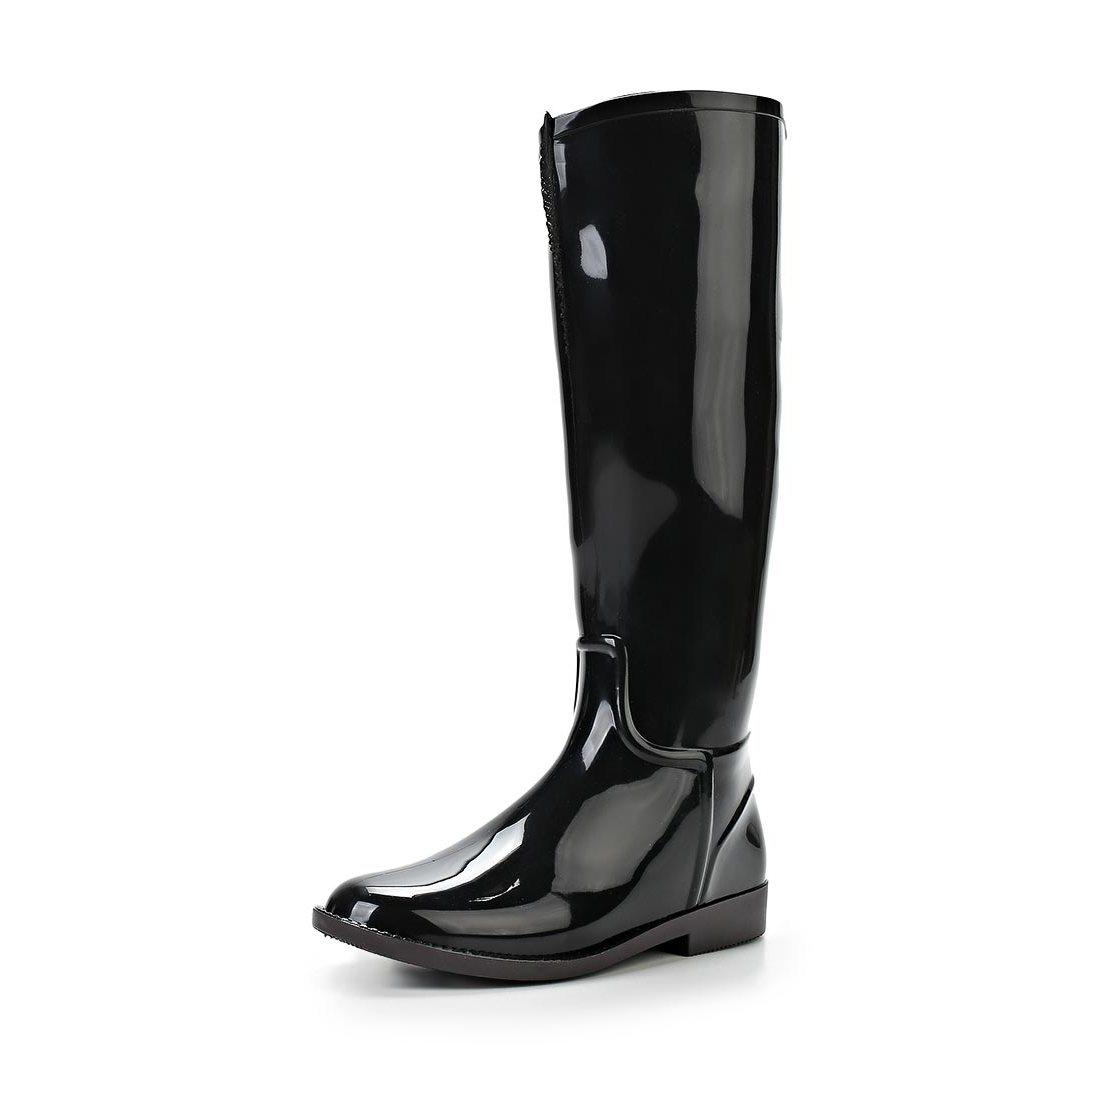 Женские сапоги из ПВХ, цвет черный